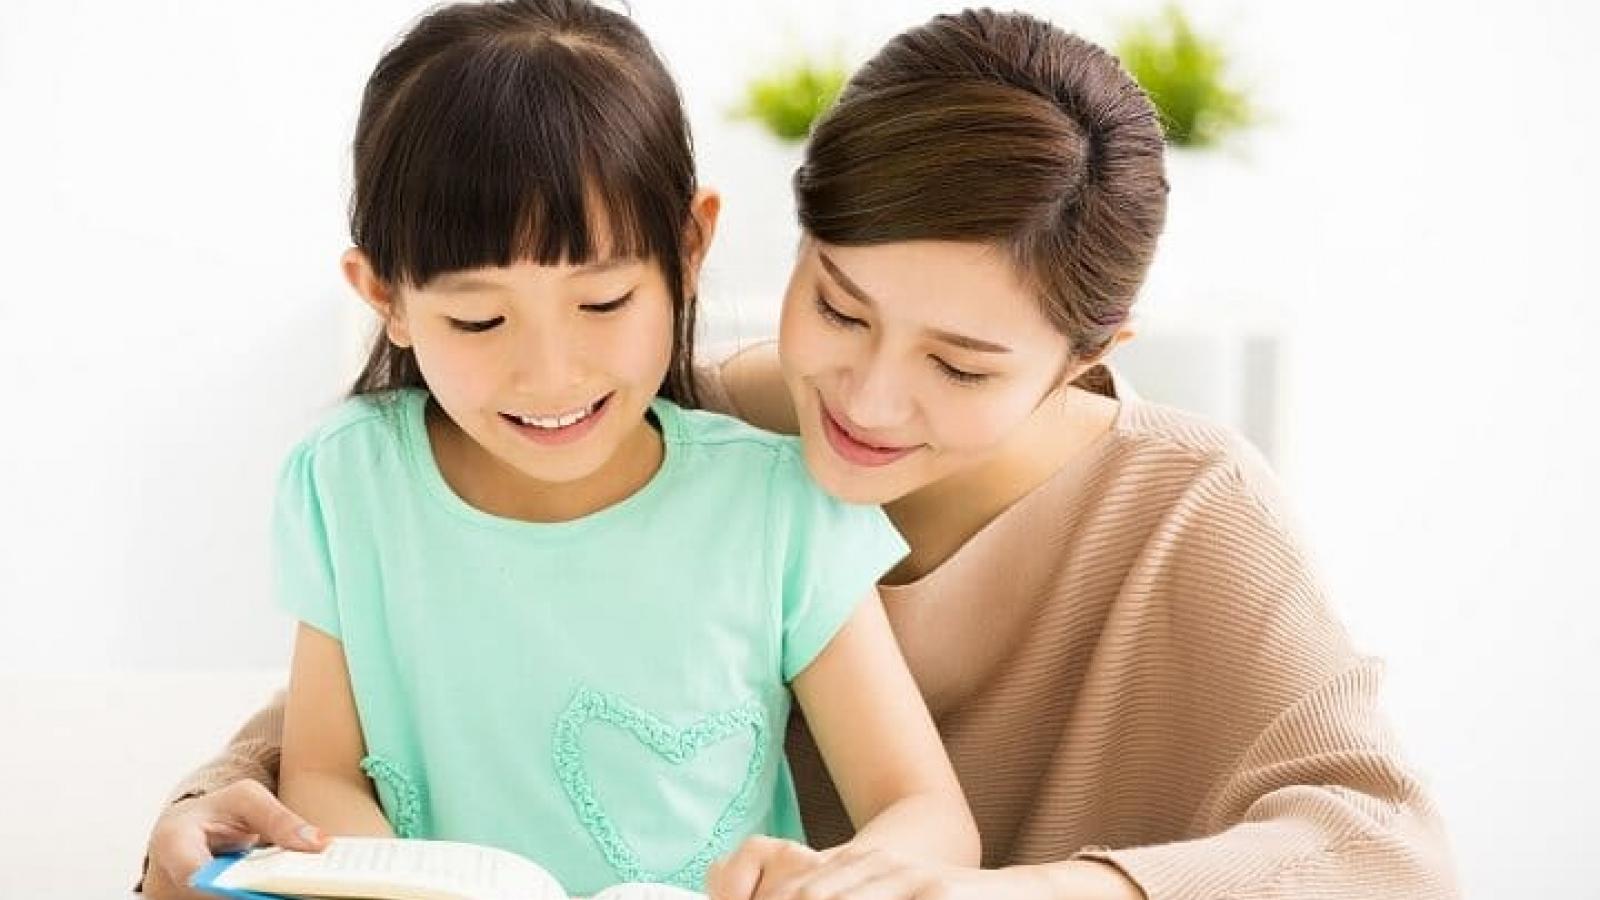 11 bí quyết giúp trẻ tự tin hơn trong cuộc sống